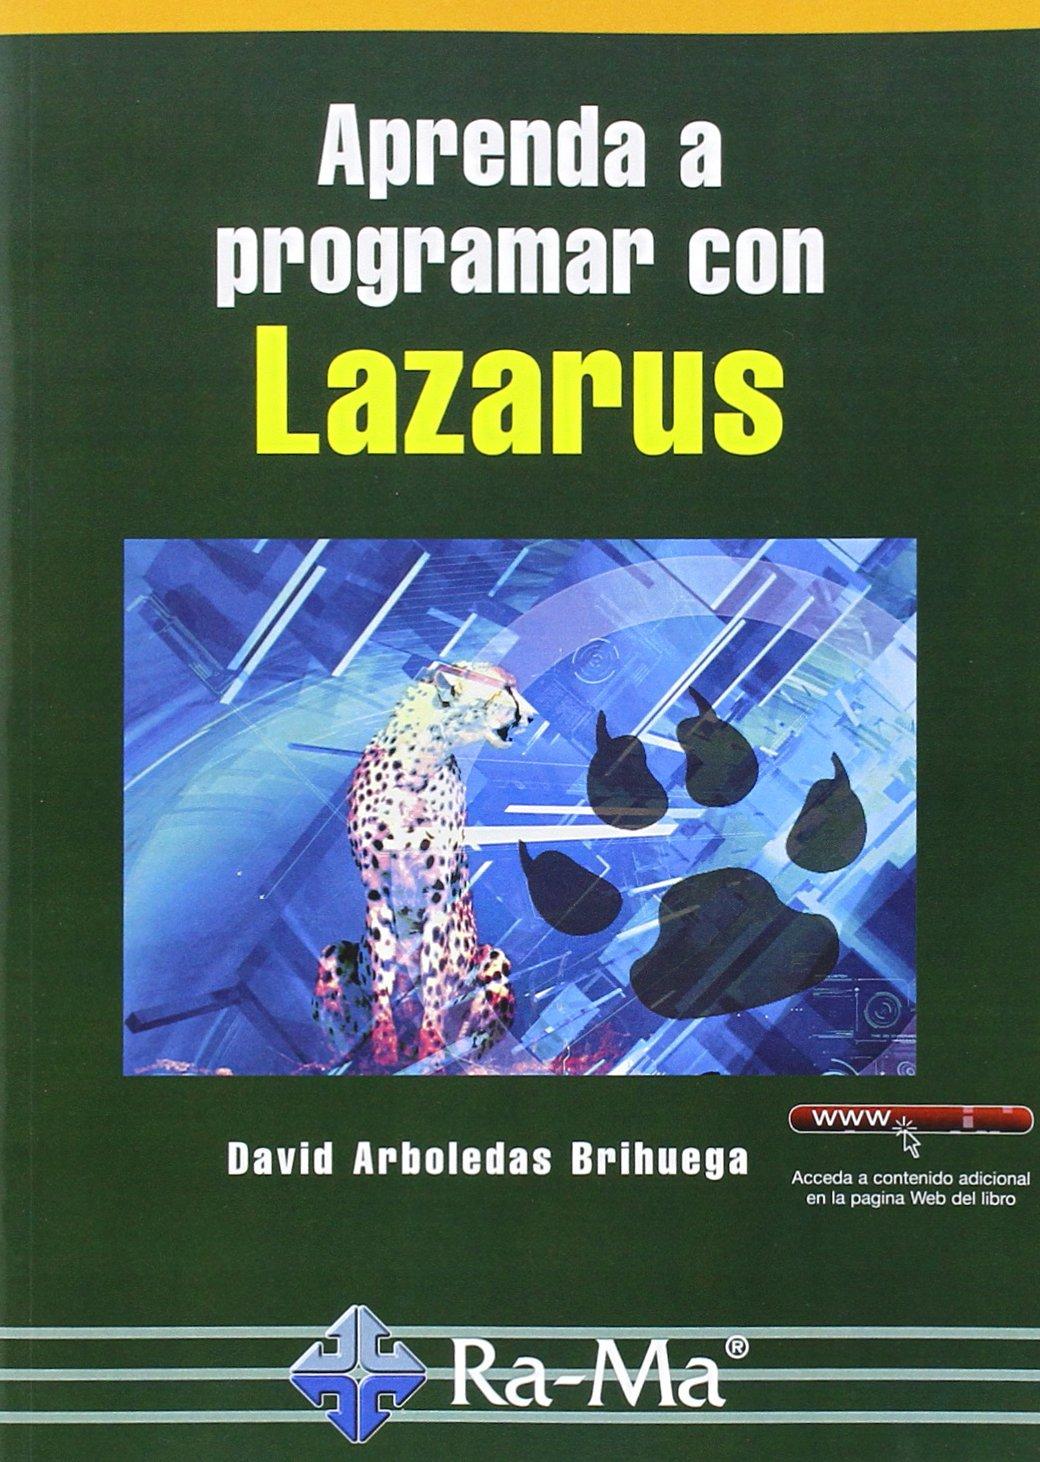 Aprenda a programar con Lazarus: Amazon.es: David Arboledas Brihuega: Libros